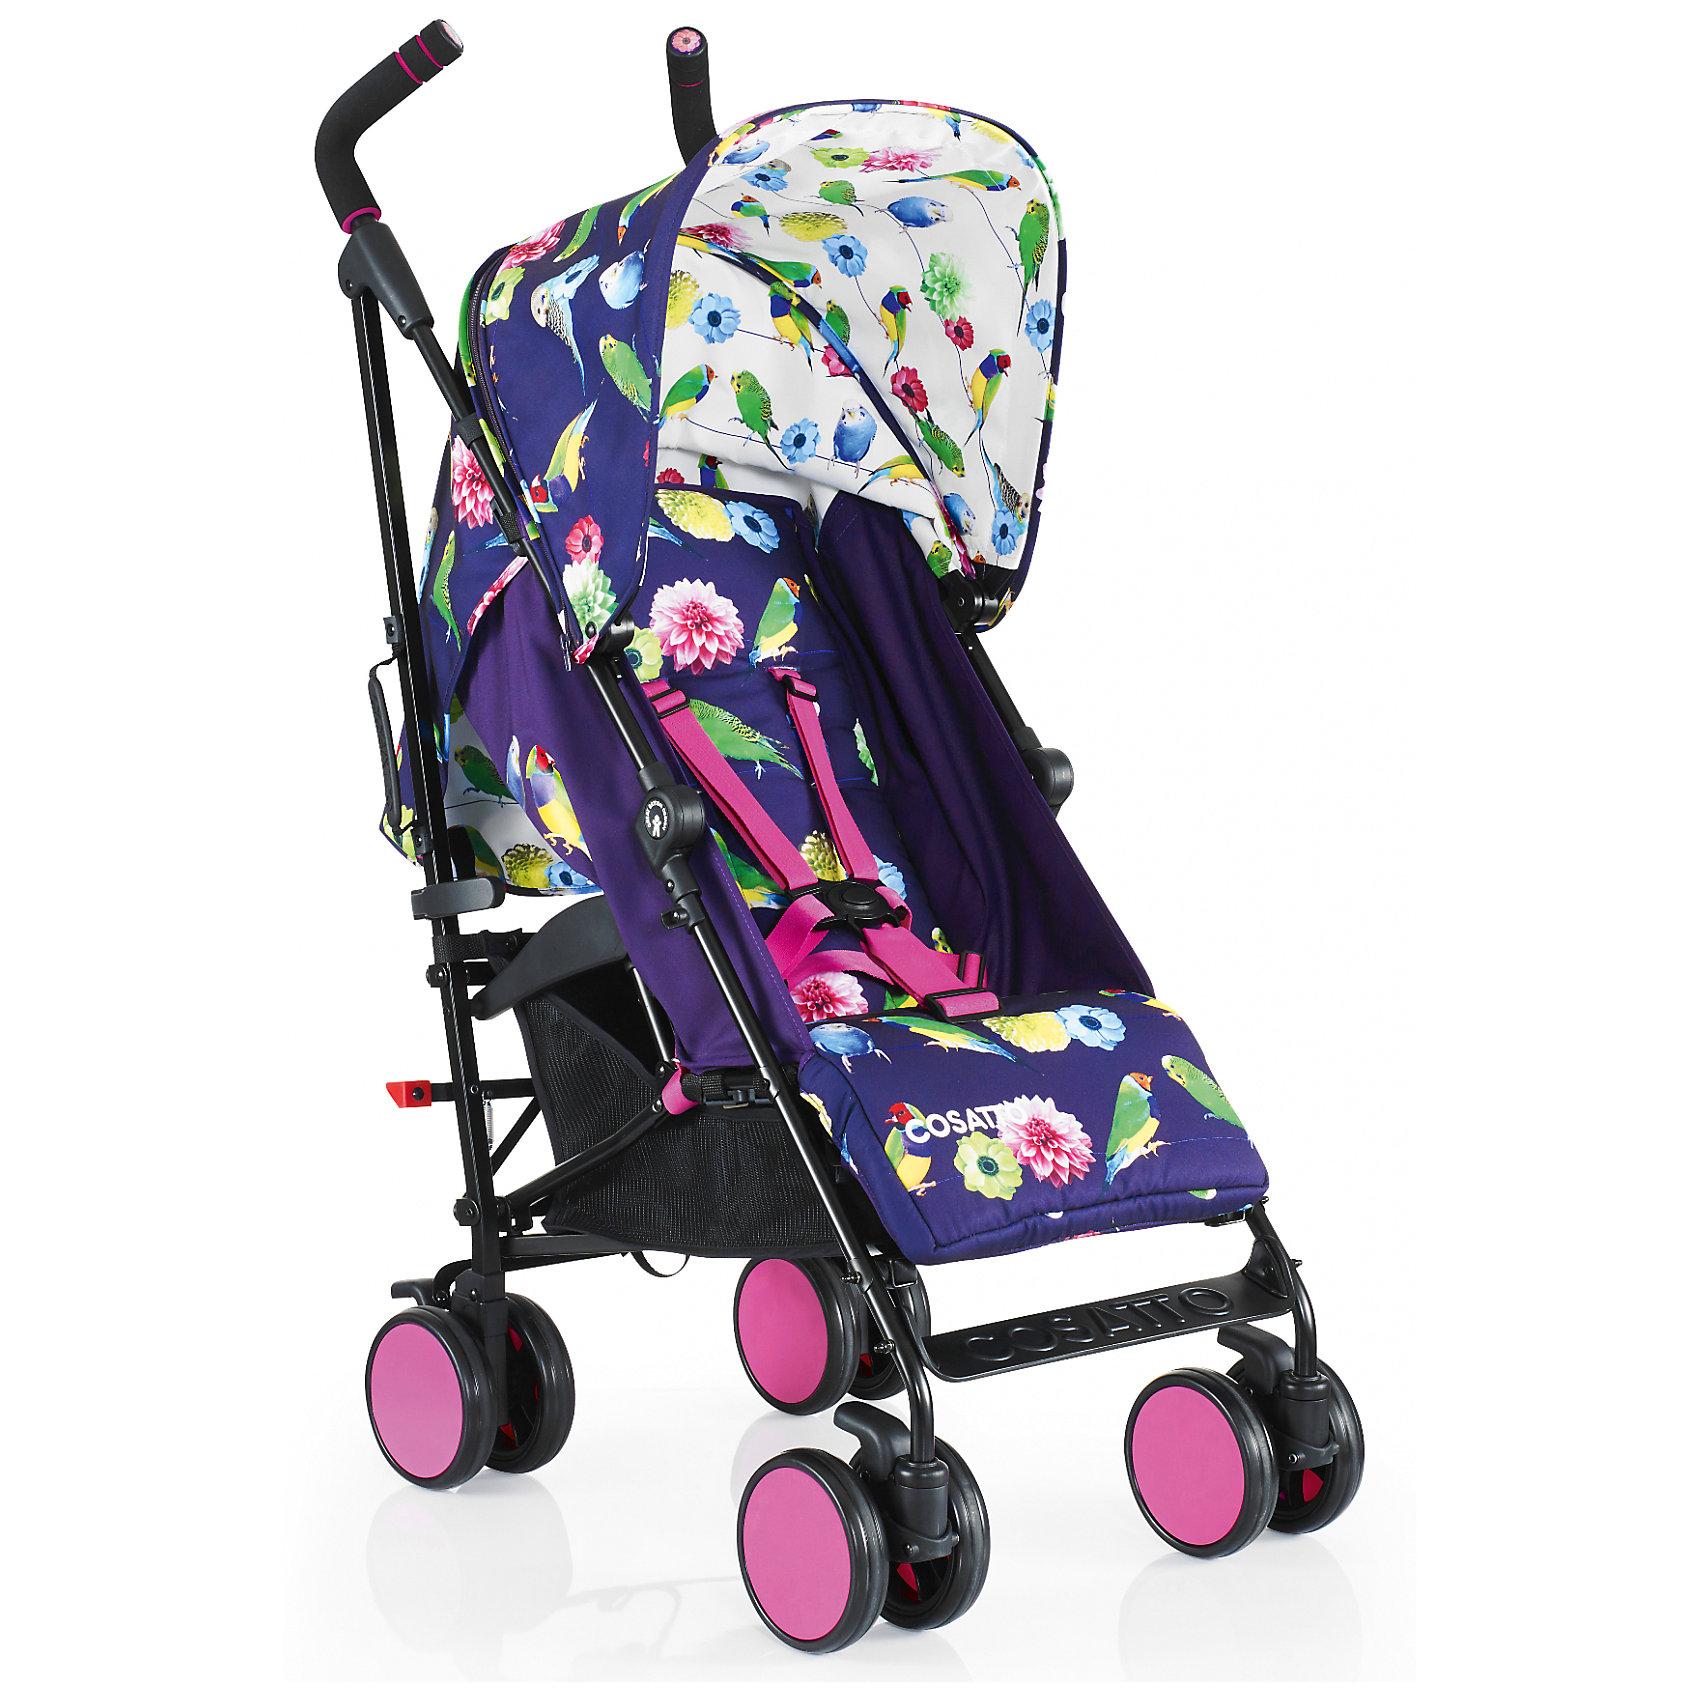 Коляска-трость Cosatto Supa Go, EdenКоляски-трости<br>ССтильная коляска станет для родителей не только незаменимой вещью, но и стильным аксессуаром. Функциональность, дизайн и маневренность – все это – новая модель от Cosatto. Все материалы, использованные при изготовлении, безопасны и отвечают требованиям по качеству продукции.<br><br>Дополнительные характеристики: <br><br>возраст: 6 месяцев – 3 года;<br>регулируемый капюшон;<br>механизм складывания: трость;<br>регулировка спинки;<br>ножной тормоз;<br>пятиточечные ремни безопасности;<br>габариты: 78 х 48,5 х 110 см;<br>материал шасси: алюминий;<br>комплектация: дождевик<br><br>ВНИМАНИЕ!!! В комплектацию коляски не входит бампер, его можно купить отдельно.<br><br>Коляску-трость SUPA Go от компании Cosatto можно приобрести в нашем магазине.<br><br>Яркие и стильные расцветки коляски поднимут вам настроение. Регулируемый капюшон и спинка. Без бампера<br><br>Ширина мм: 1120<br>Глубина мм: 280<br>Высота мм: 280<br>Вес г: 12000<br>Возраст от месяцев: 6<br>Возраст до месяцев: 36<br>Пол: Унисекс<br>Возраст: Детский<br>SKU: 5448677